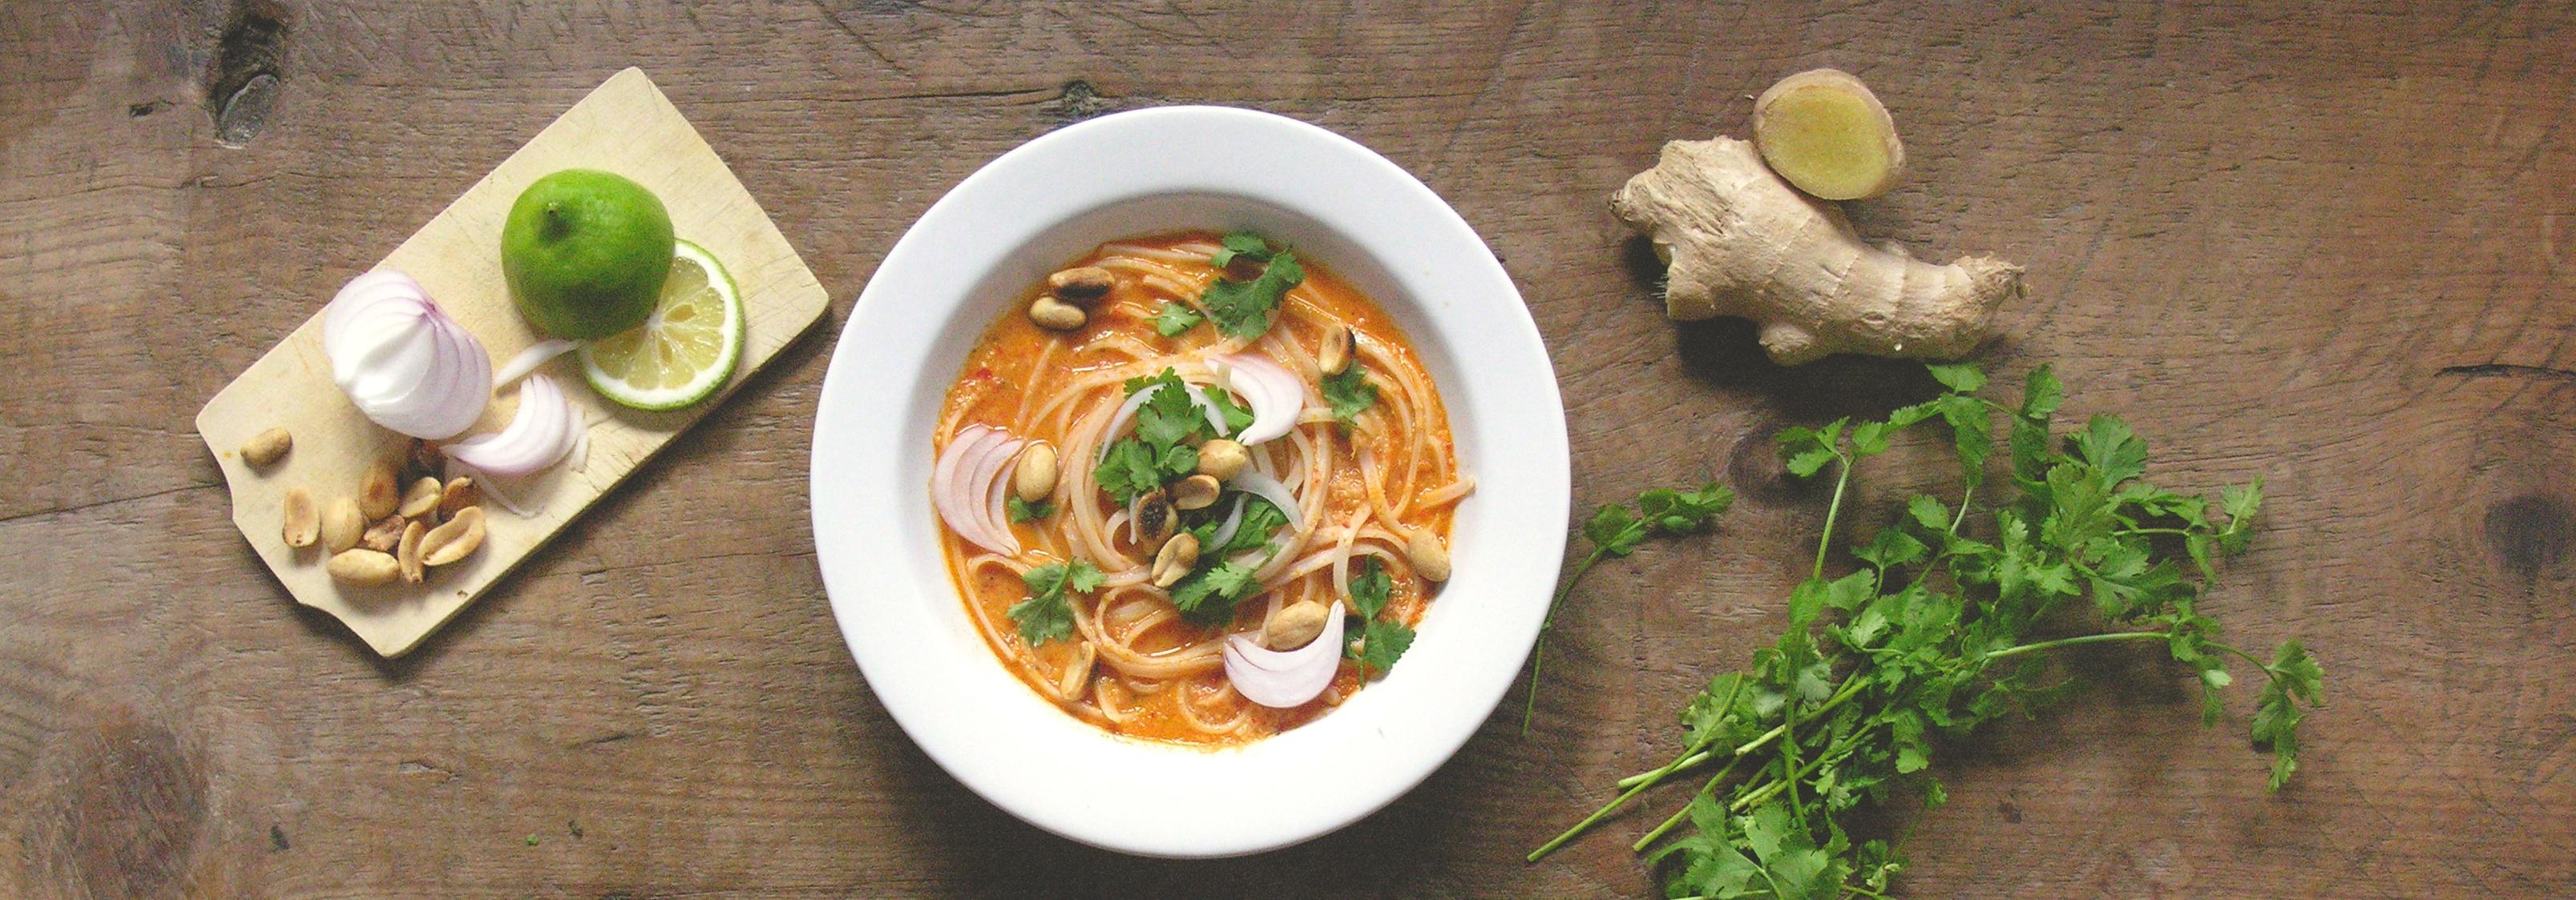 Thaise curry-soep met pad thai noedels en verse koriander